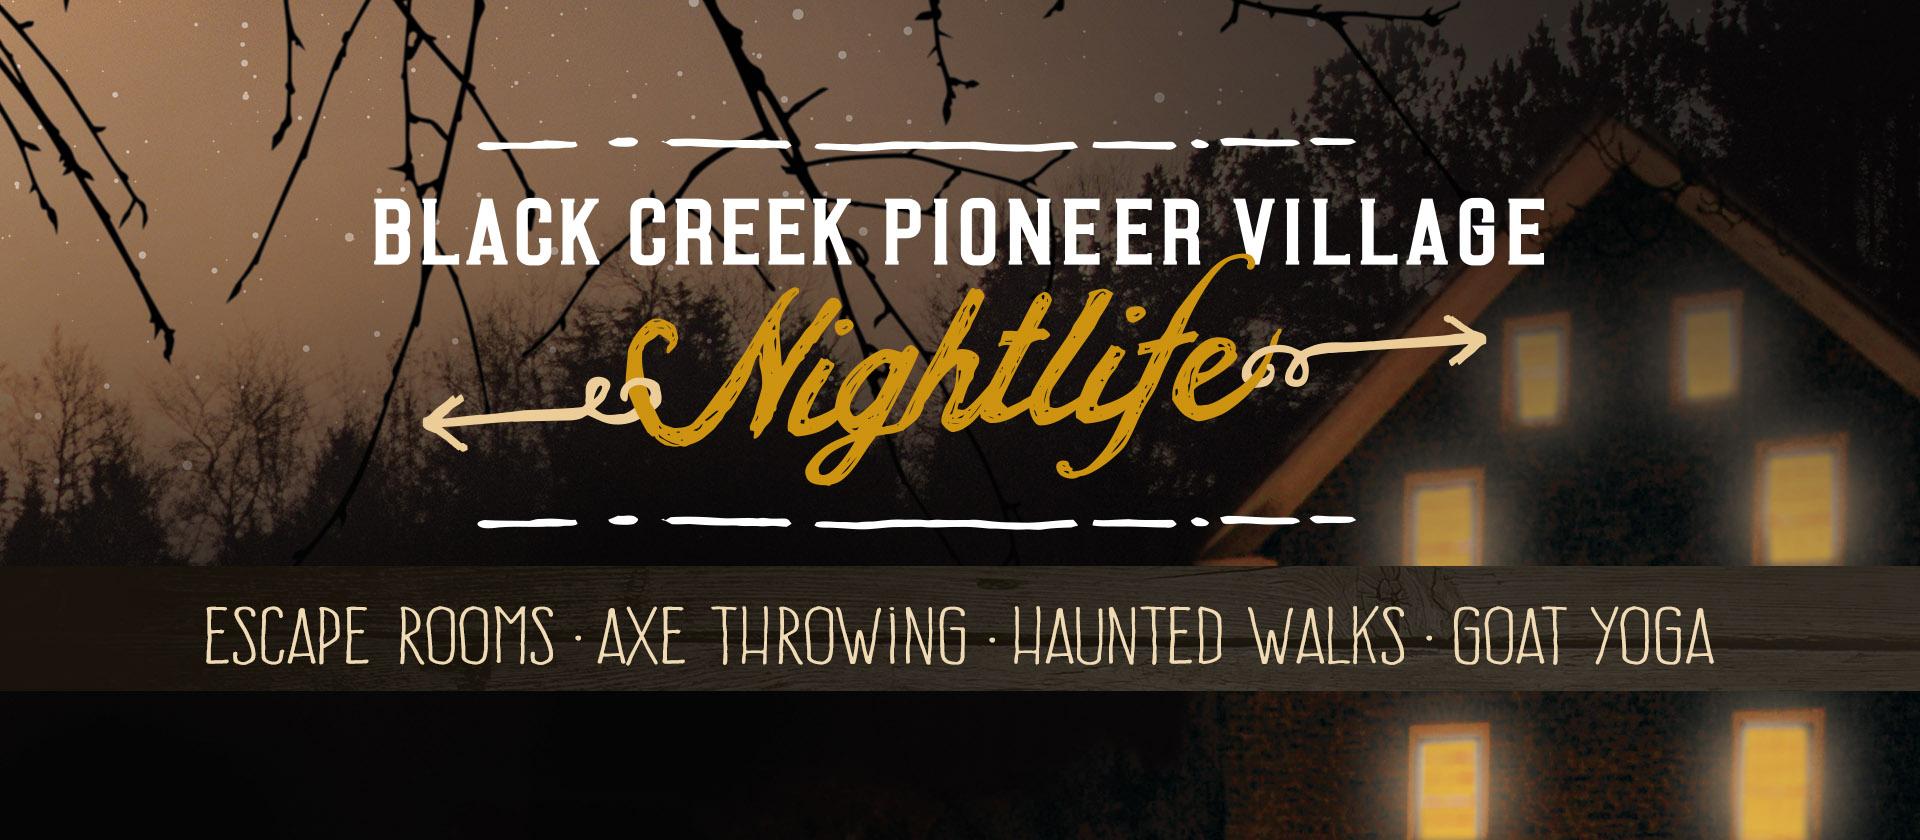 Black Creek Nightlife - Black Creek Pioneer Village